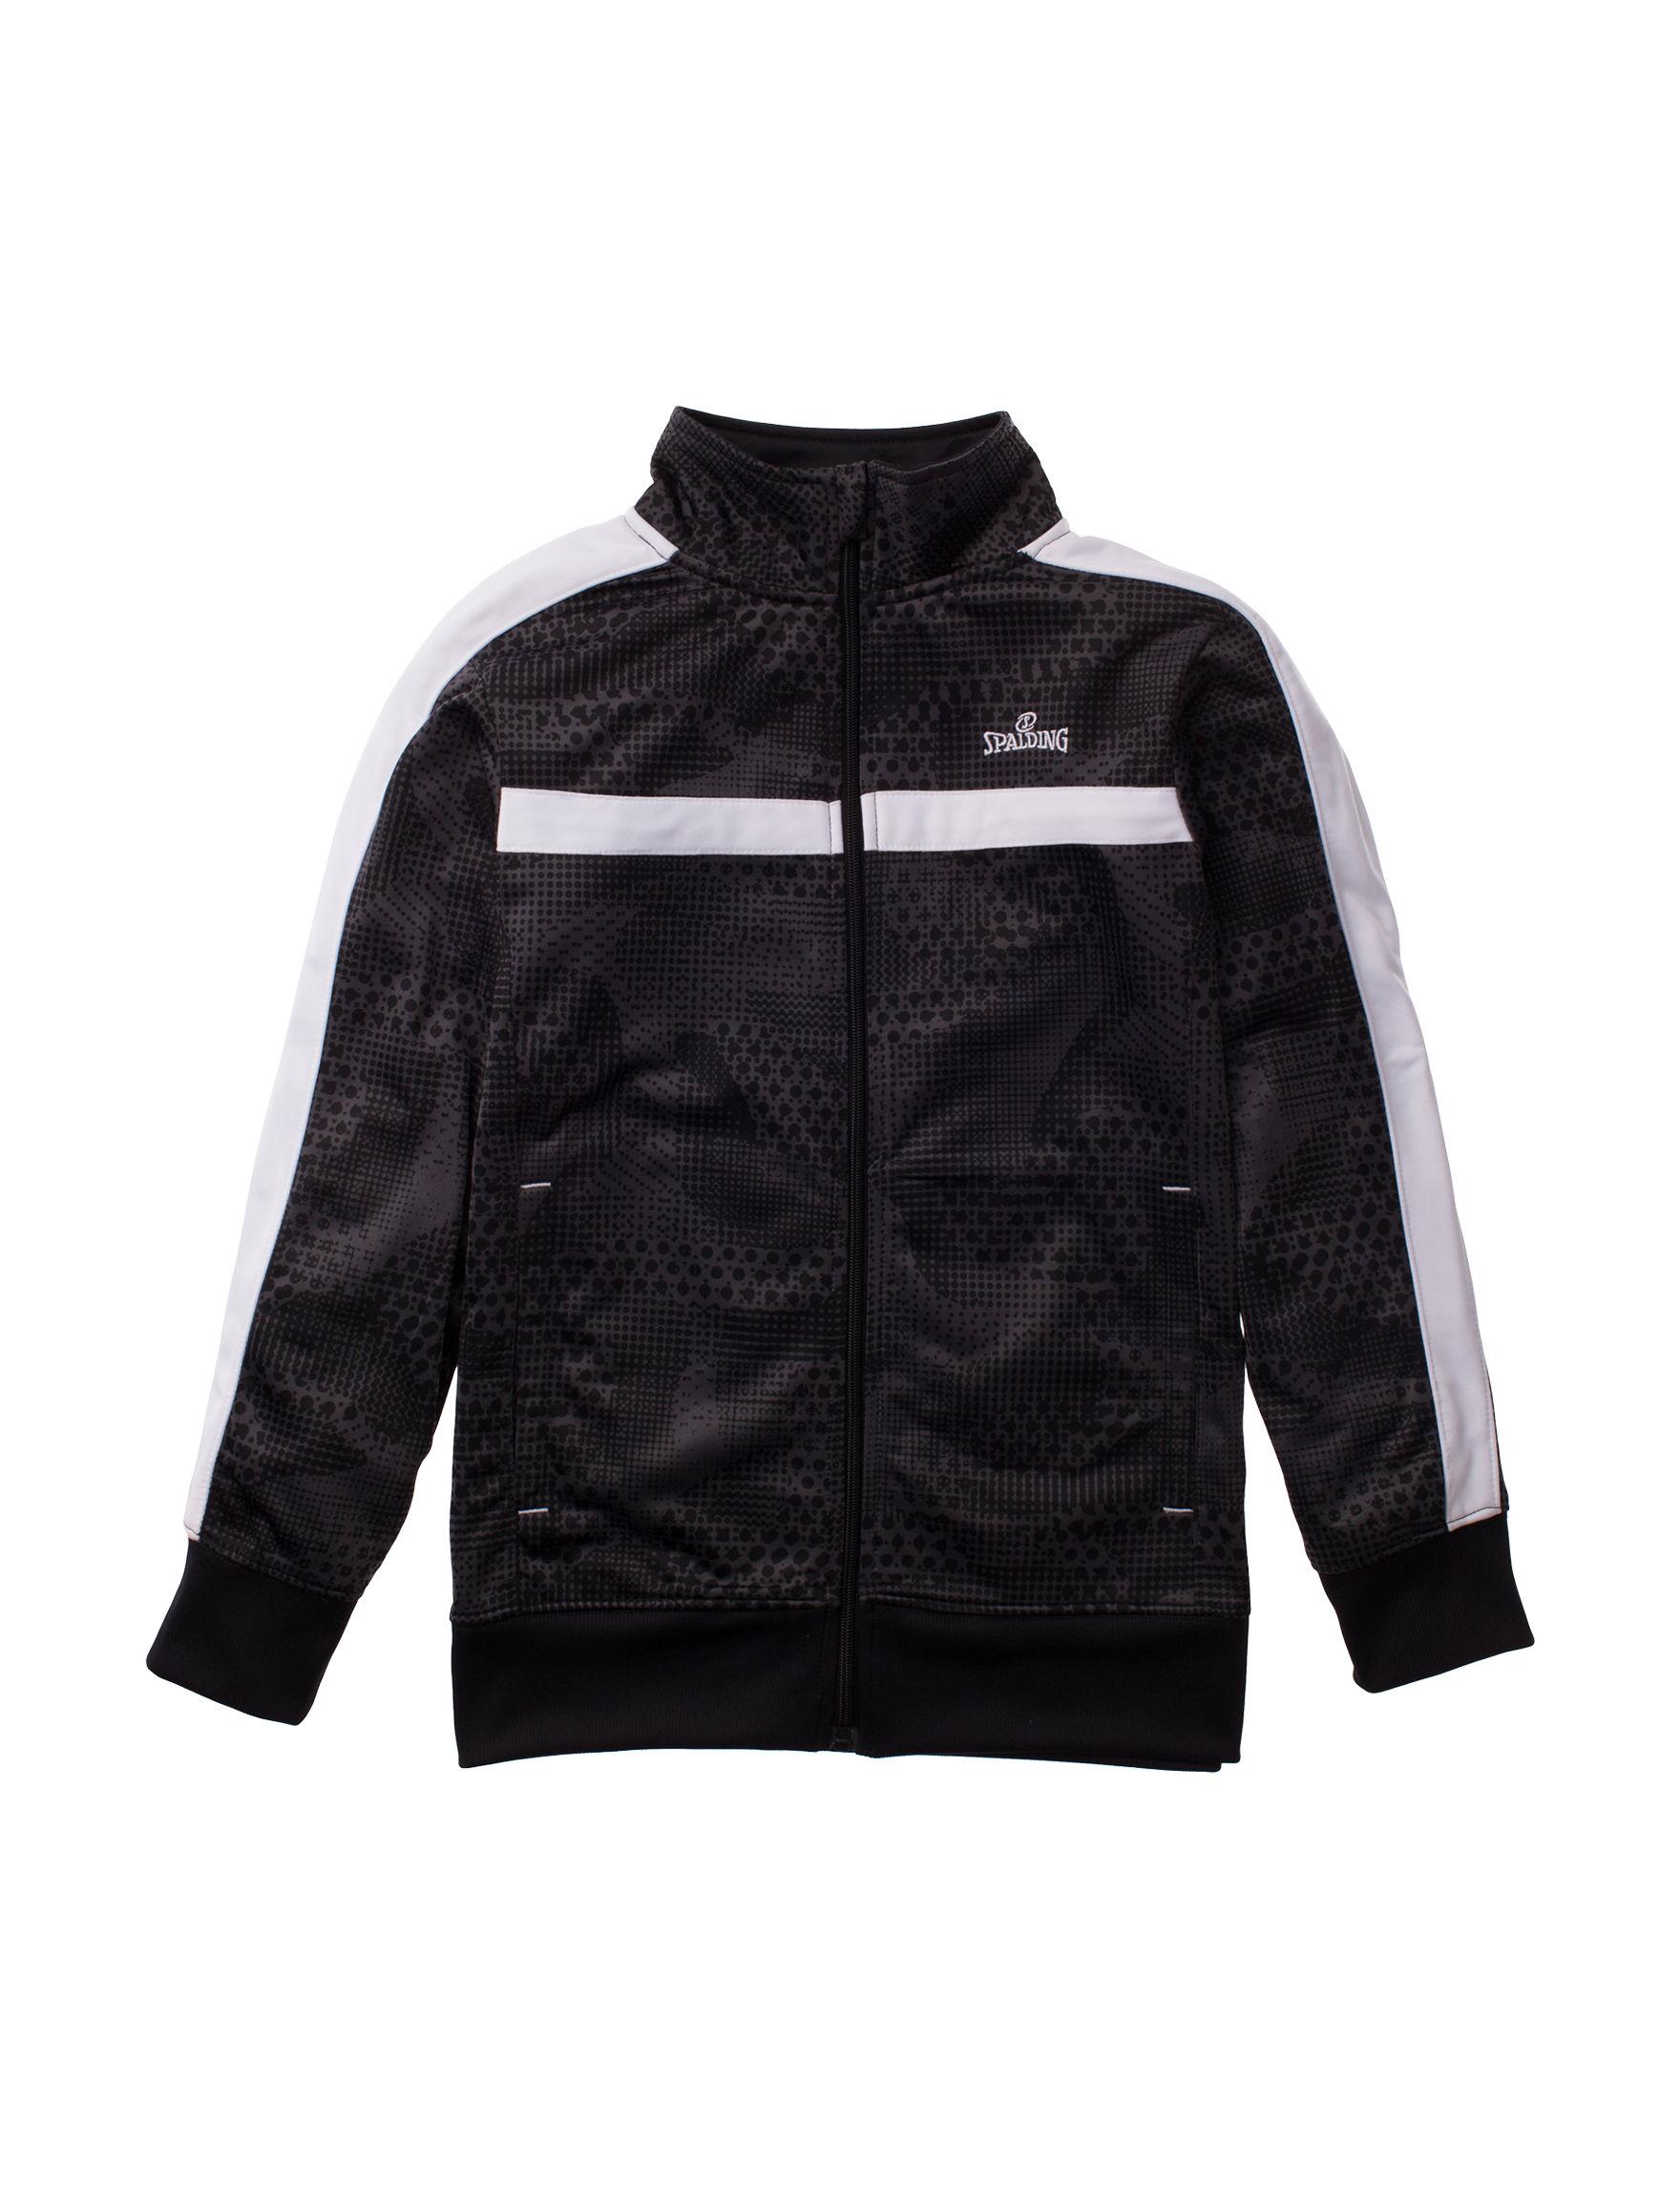 Spalding Black Lightweight Jackets & Blazers